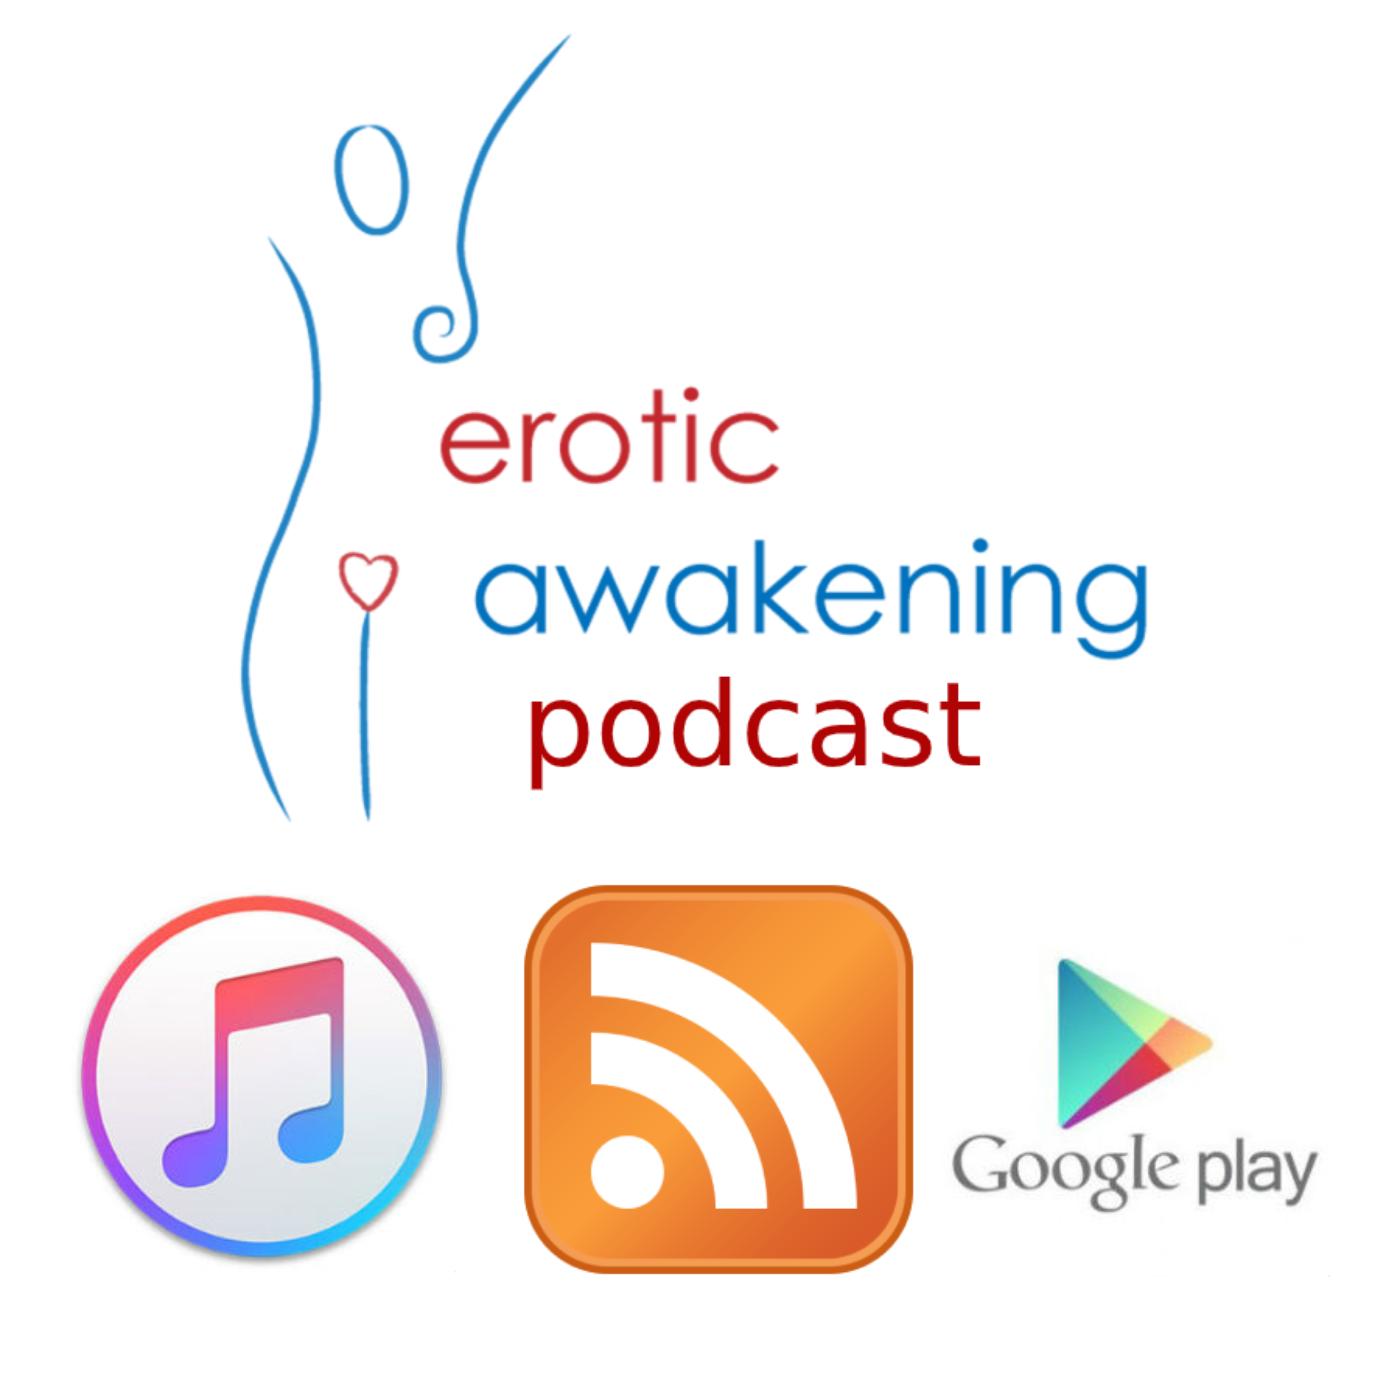 Erotic Awakening Podcast - EA524 – Master Your Self